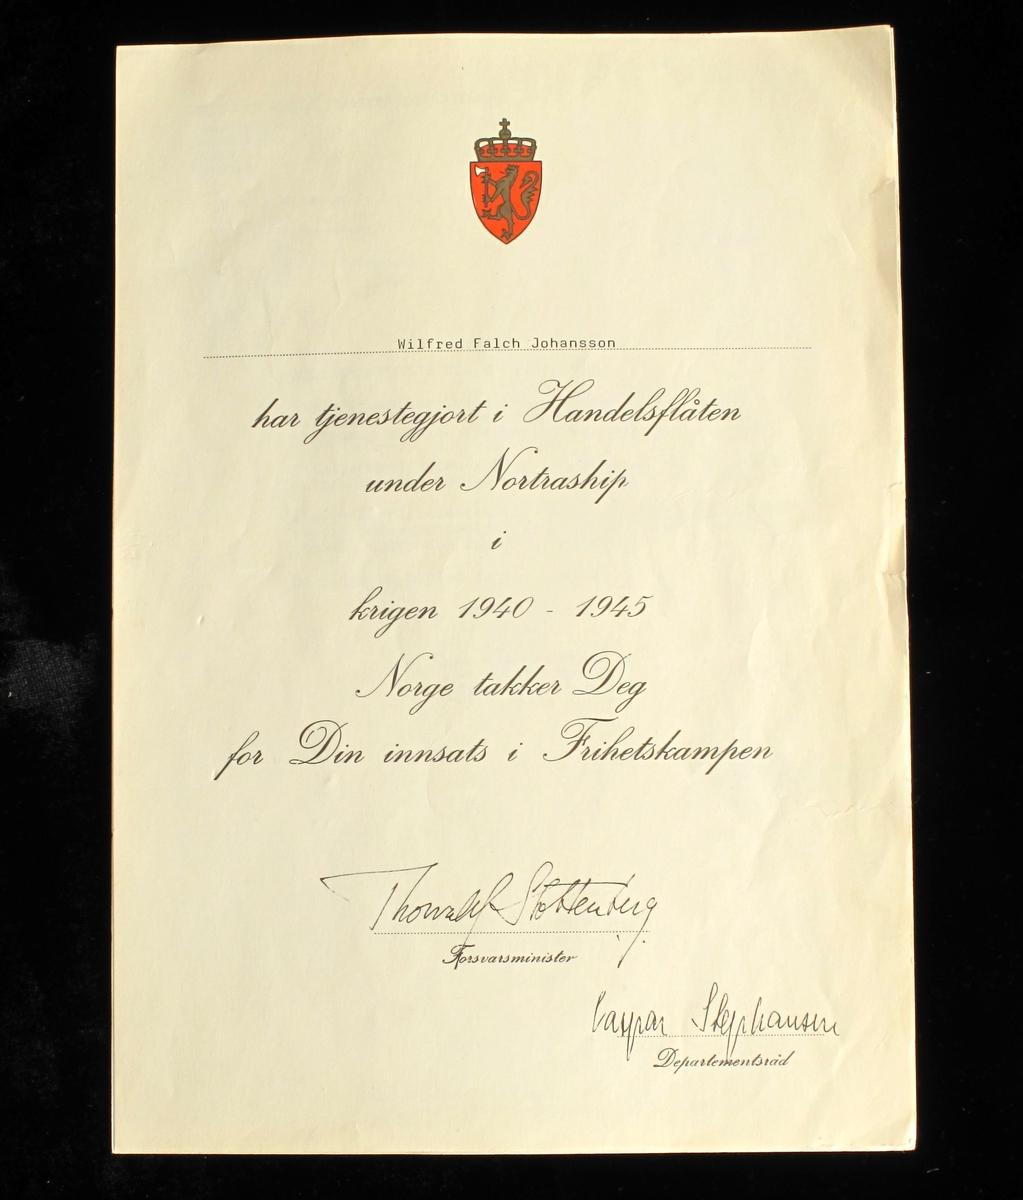 Medalje i bronse. På adversen portrett av monark, med navn og valgspråk. På reversen krans med tekst, kongens monogram og korslagte eikegrener. På toppen av medaljen står kongens  monogram. Kong Haakon VIIs bilde, navn og valgspråk, benyttet for tildelinger for innsats under andre verdenskrig også etter kong Haakons død.  Båndet  i fargene rødt og gult, fargene fra Norges riksvåpen og kongeflagg.   Medaljen med kong Haakons portrett ble først produsert hos firmaet Spink & Son i London under andre verdenskrig. Etter krigen fant produksjonen sted ved firmaet J. Tostrup I Oslo.   Sammen med medaljen følger det et diplom, undertegnet av kongen.  DELER: a) Medalje  b) Etui  c) Diplom, signert av Forsvasministeren